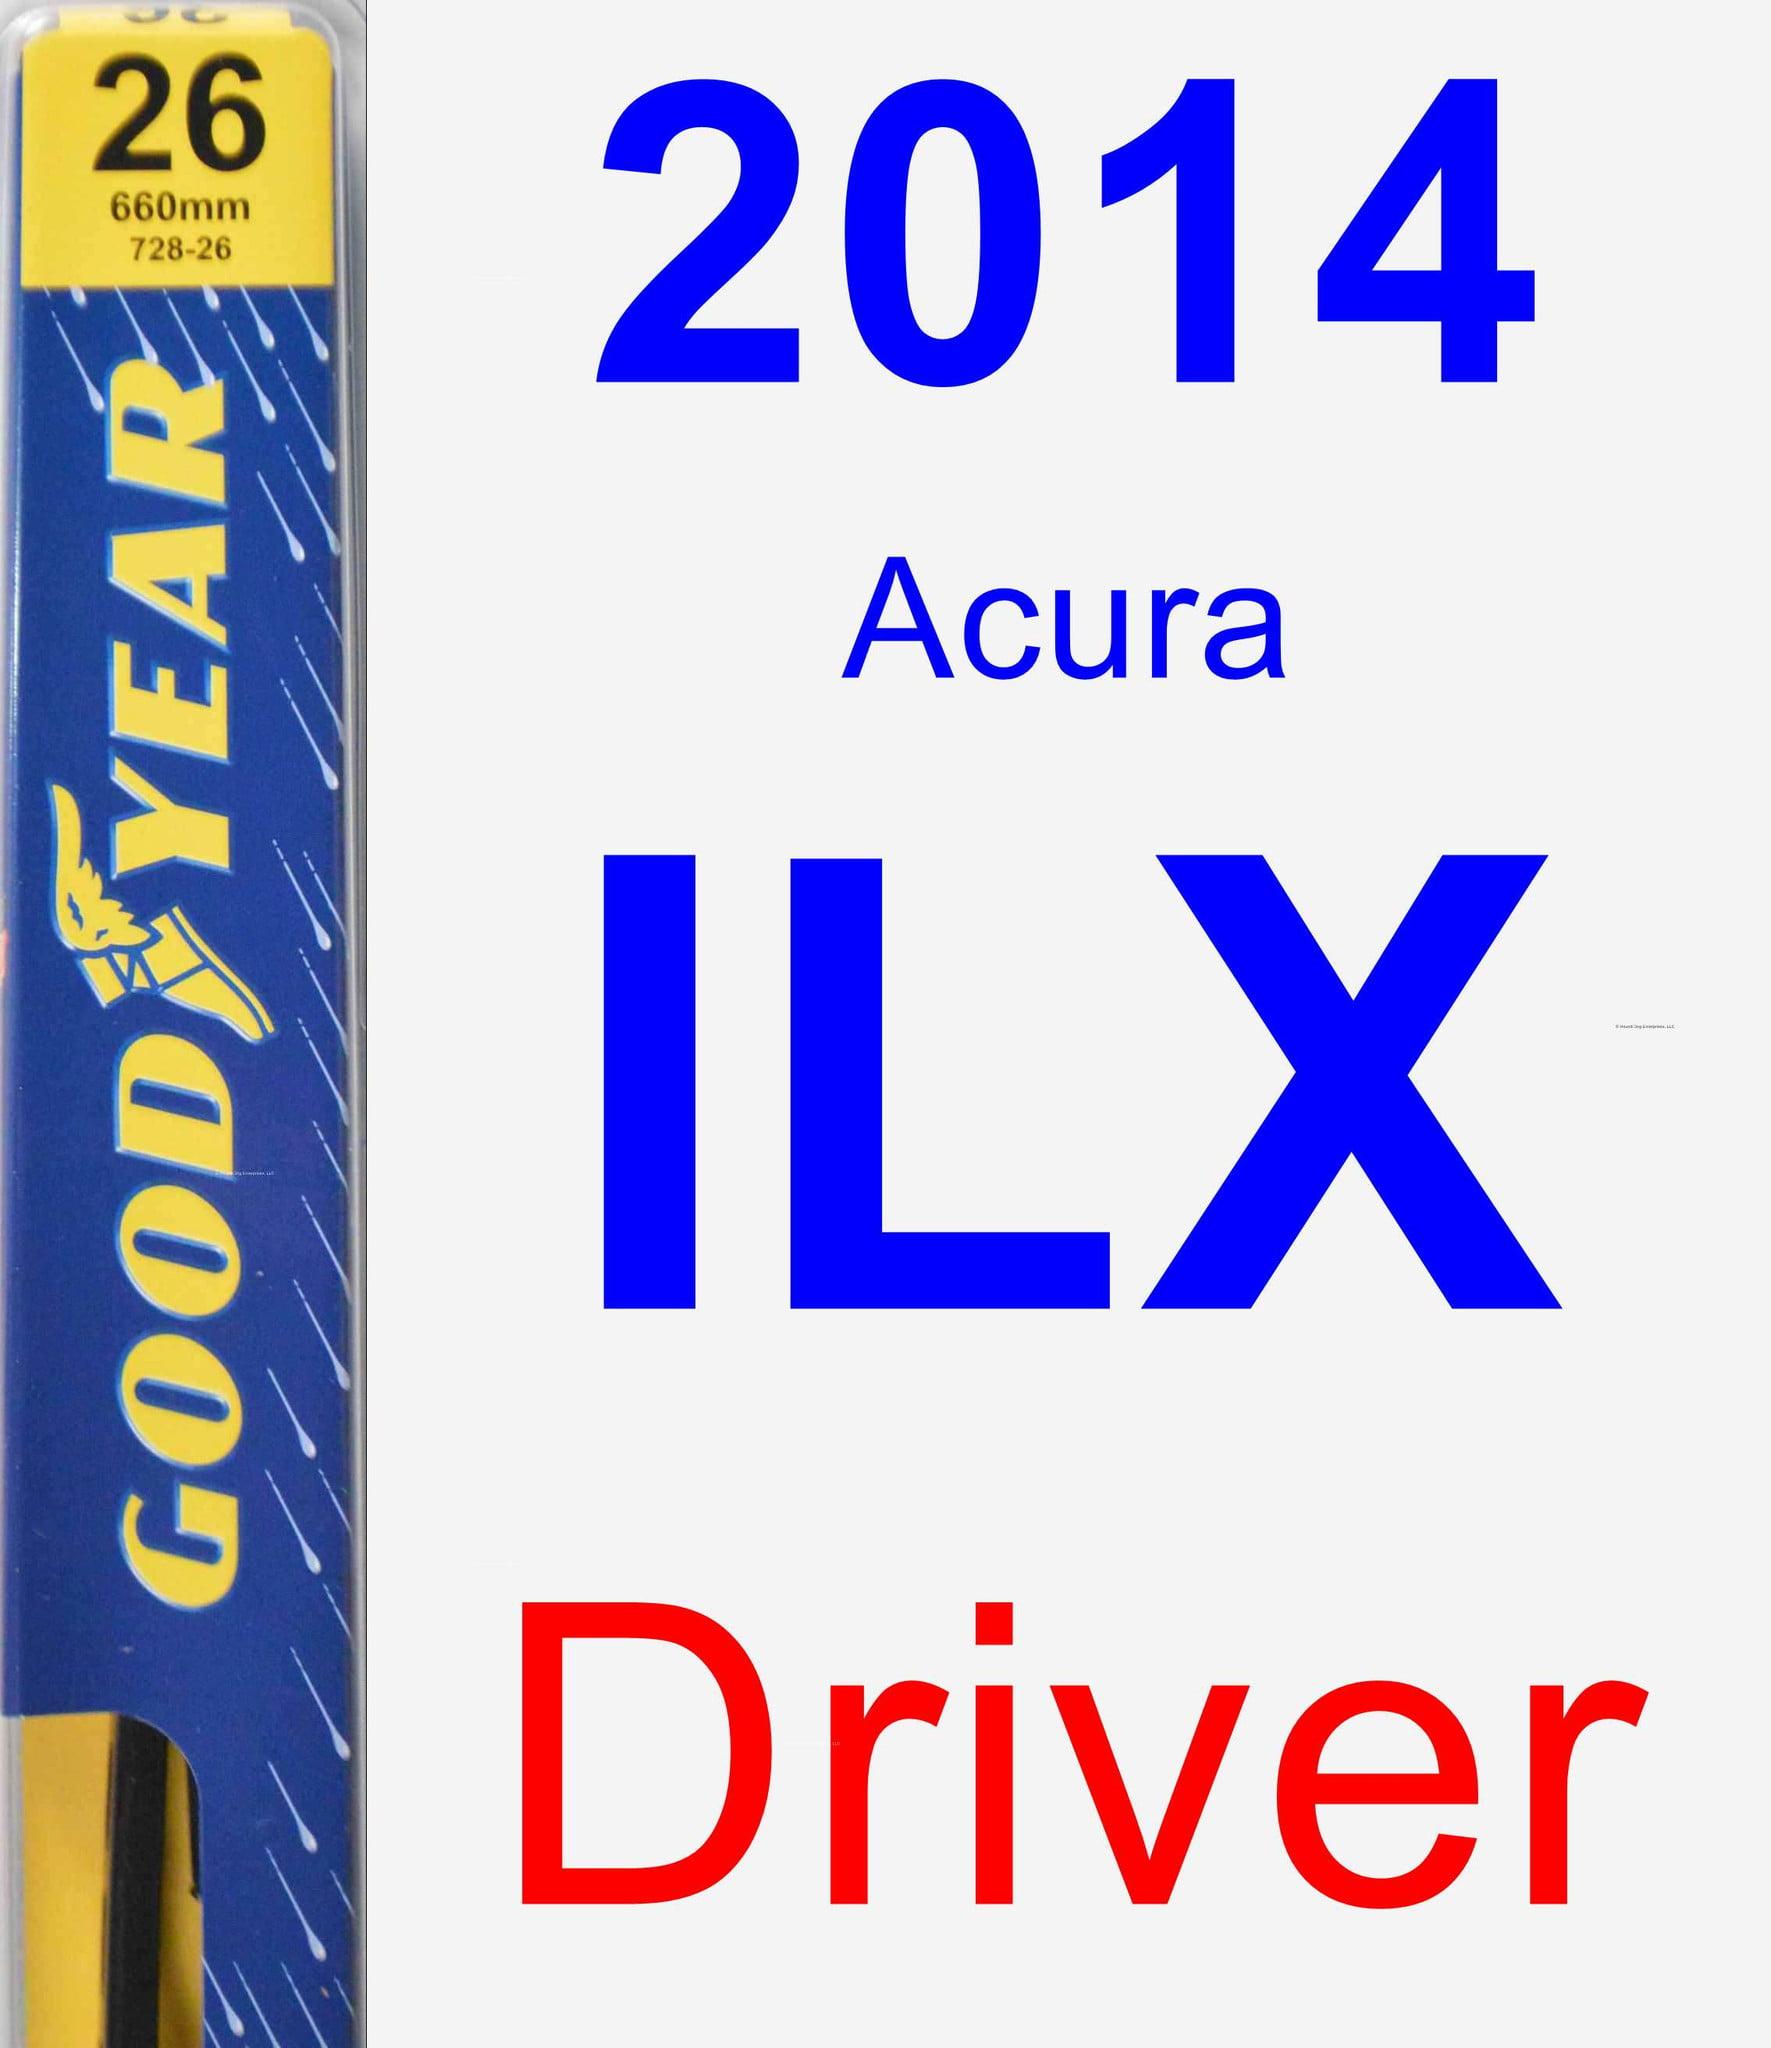 2014 Acura ILX Driver Wiper Blade